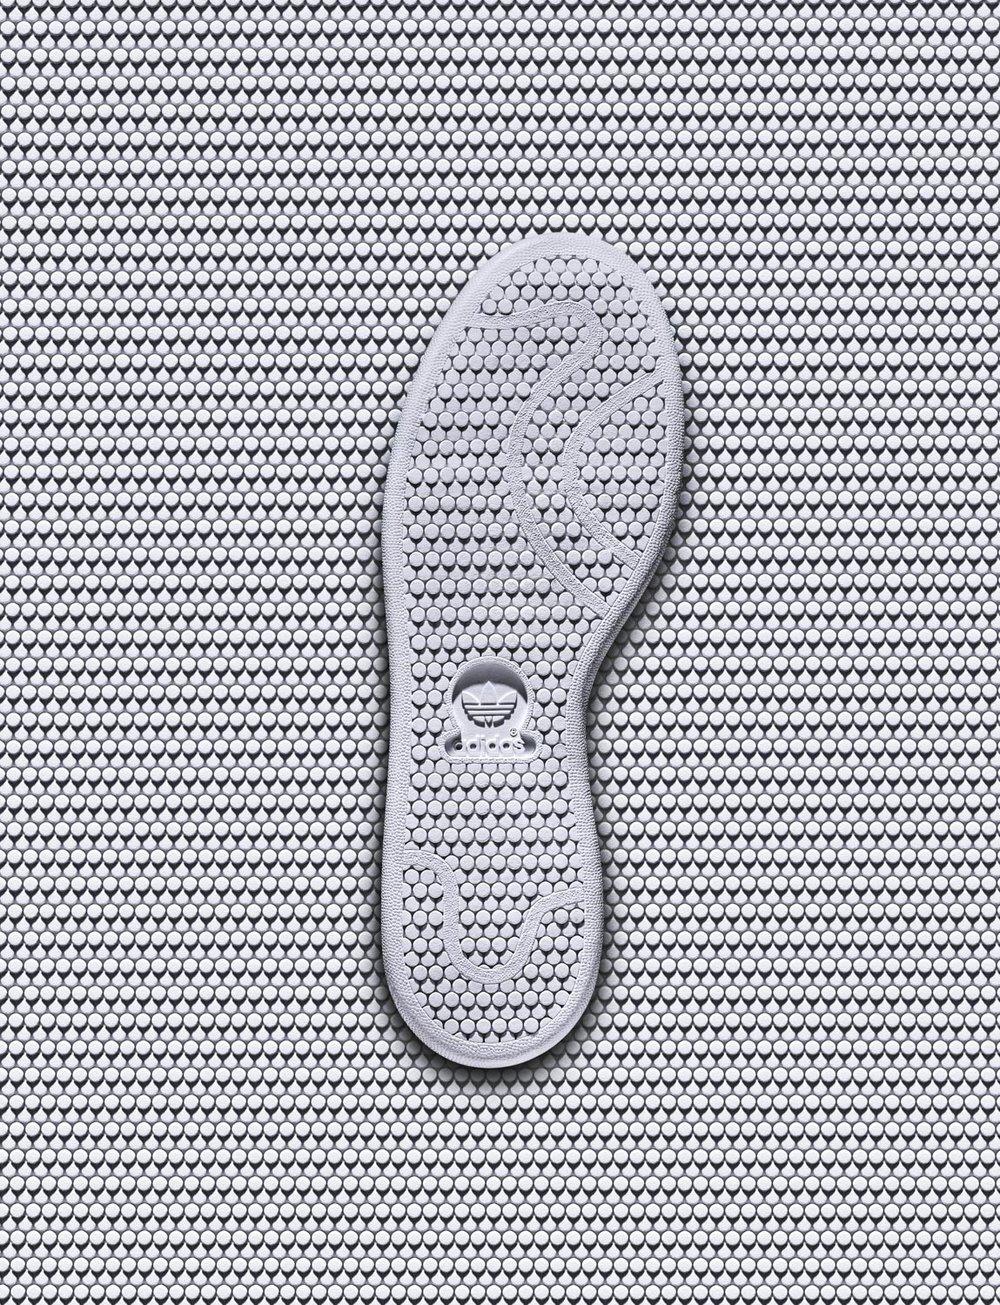 Adidas sole